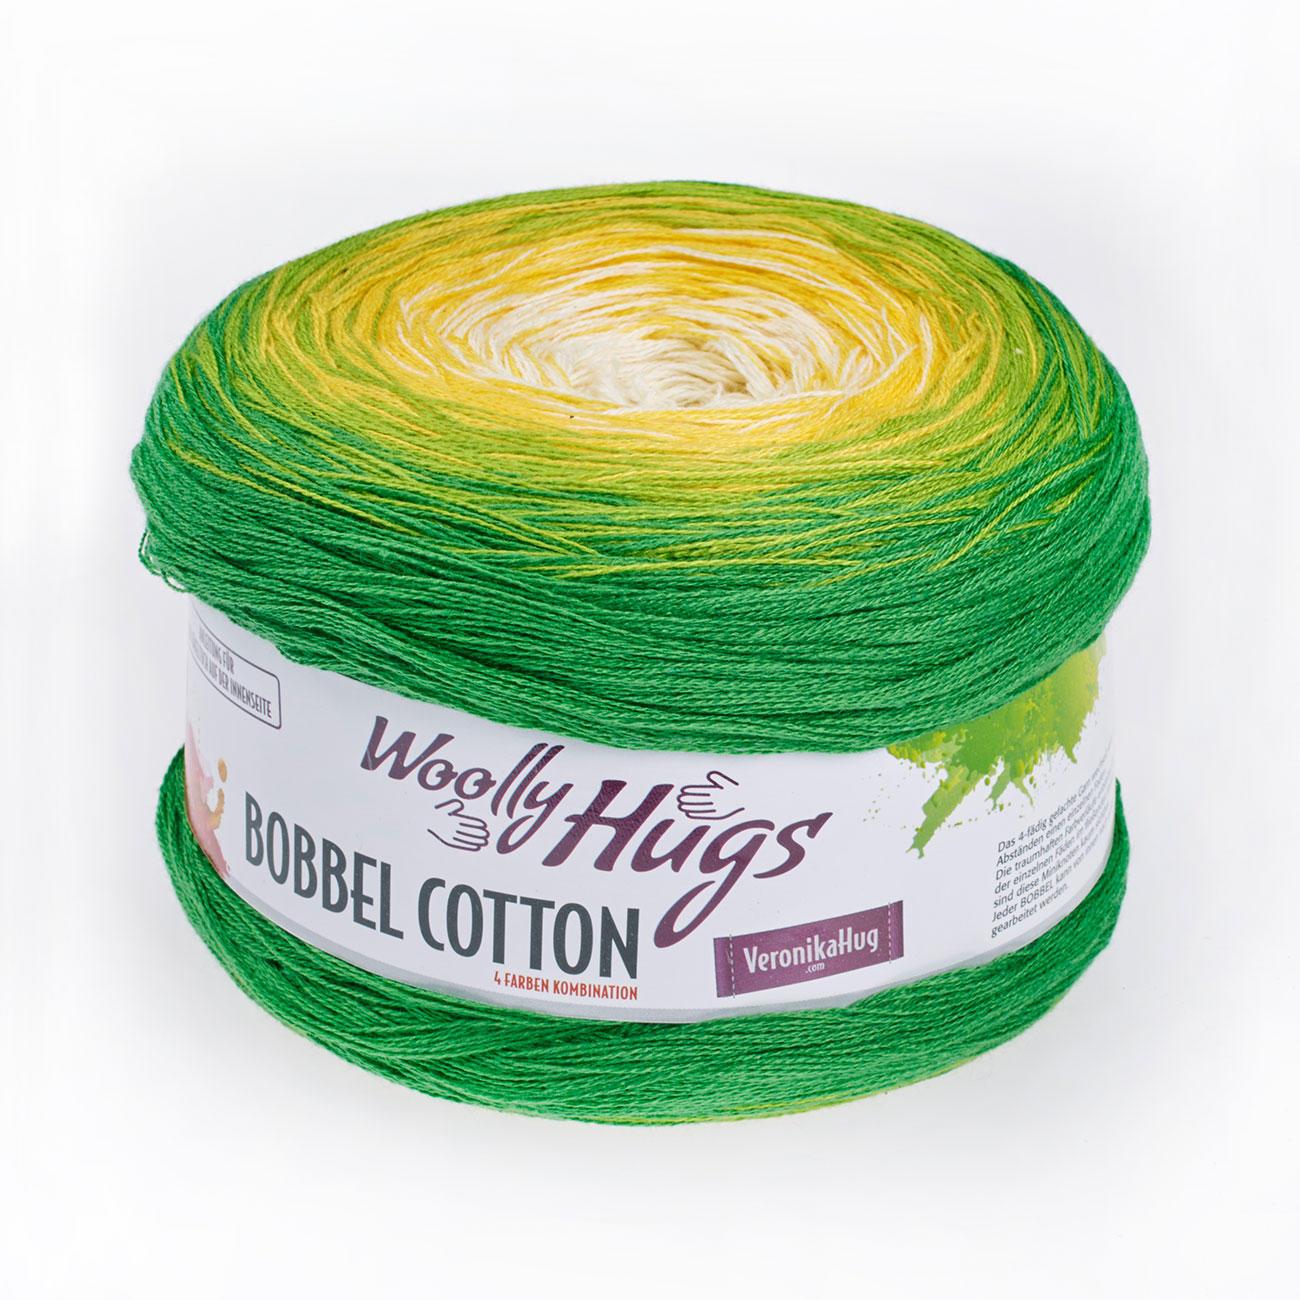 Bobbel Cotton von Woolly Hugs, 29 versch. Farben